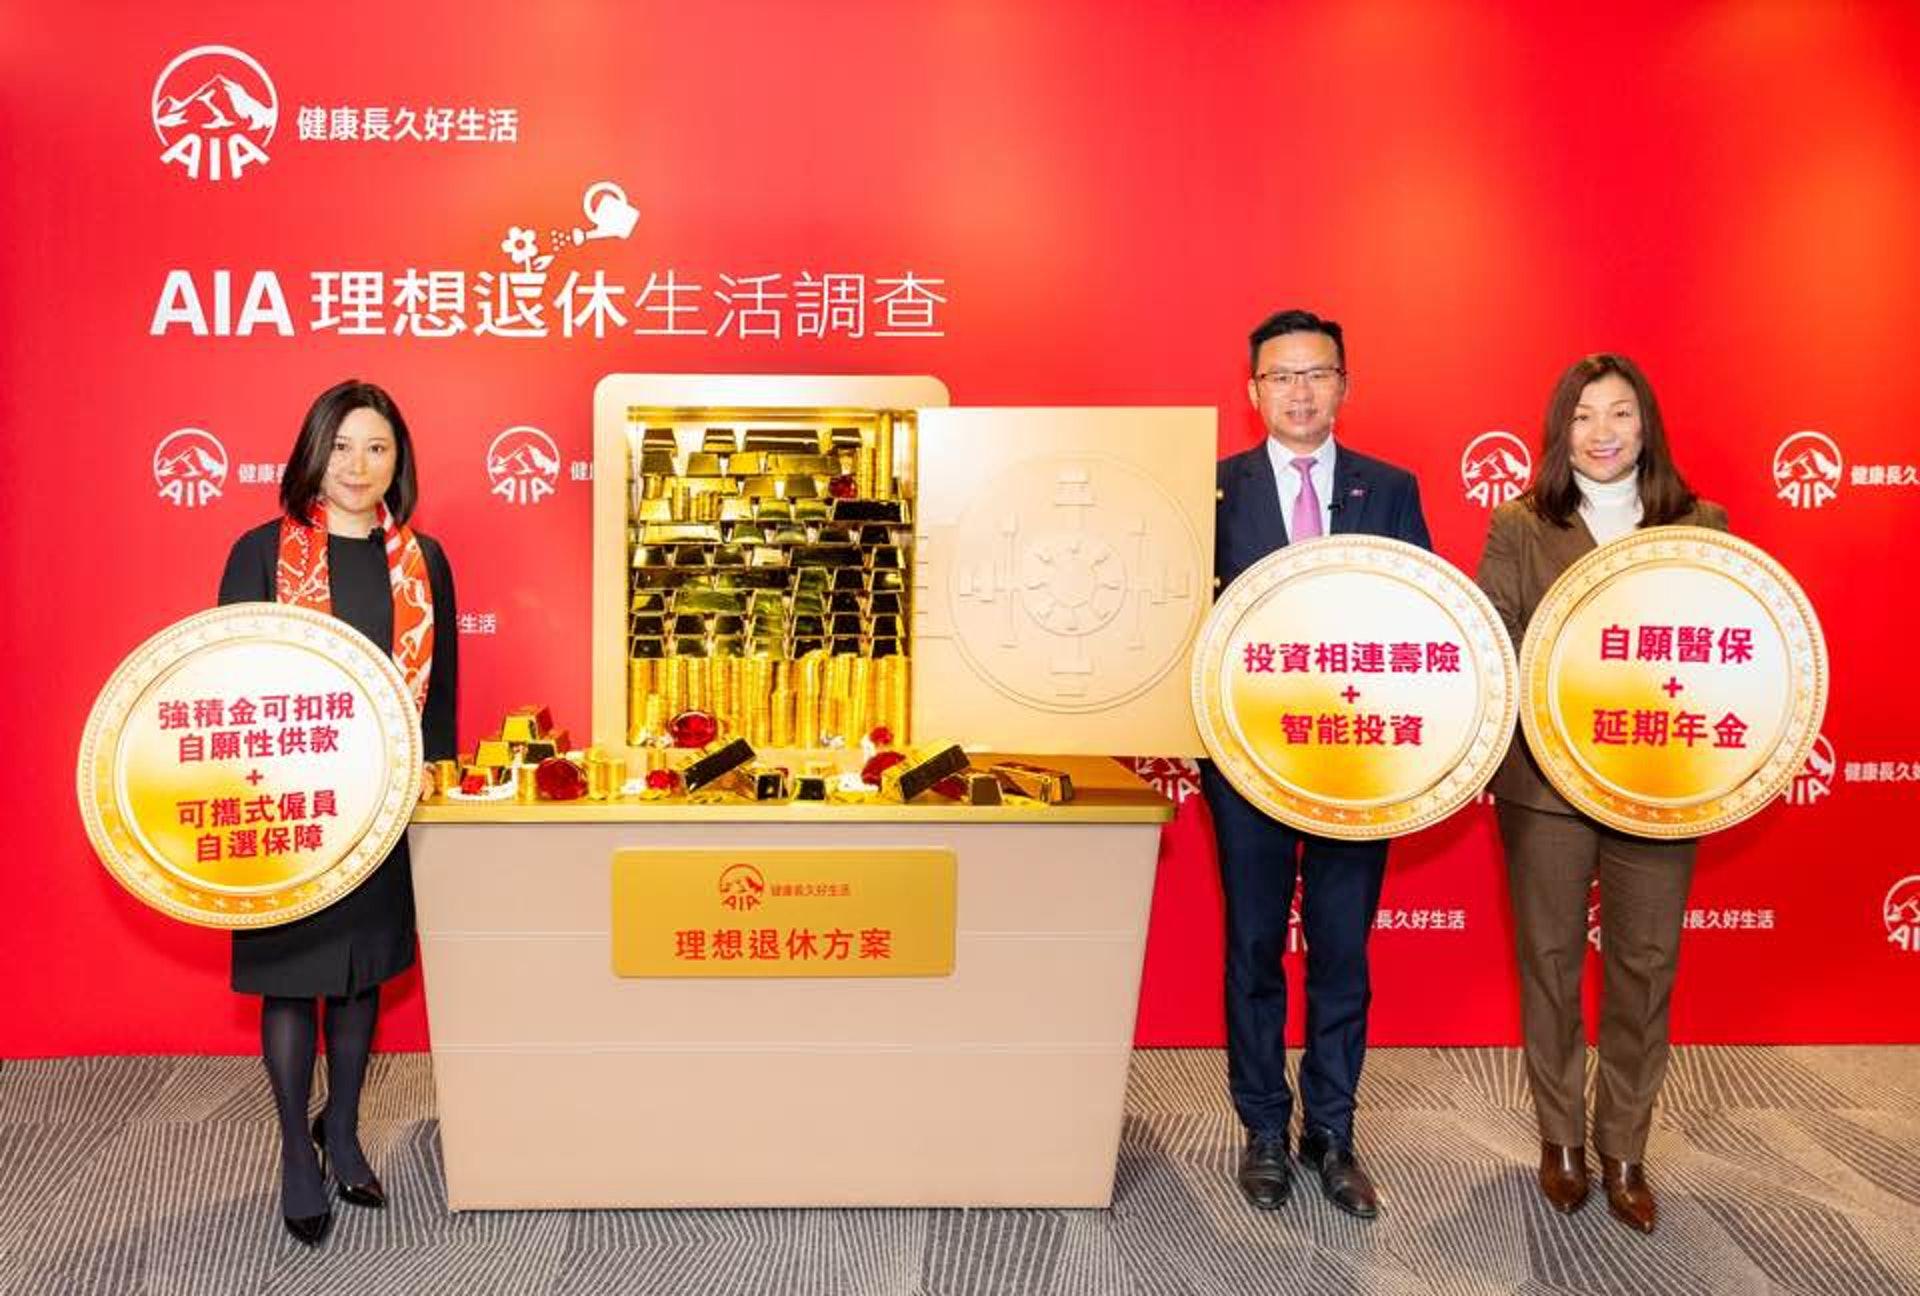 友邦香港及澳門首席企業業務總監劉家怡﹙左﹚建議,市民疫情及經濟回穩後,盡快為退休重新部署。﹙資料圖片﹚